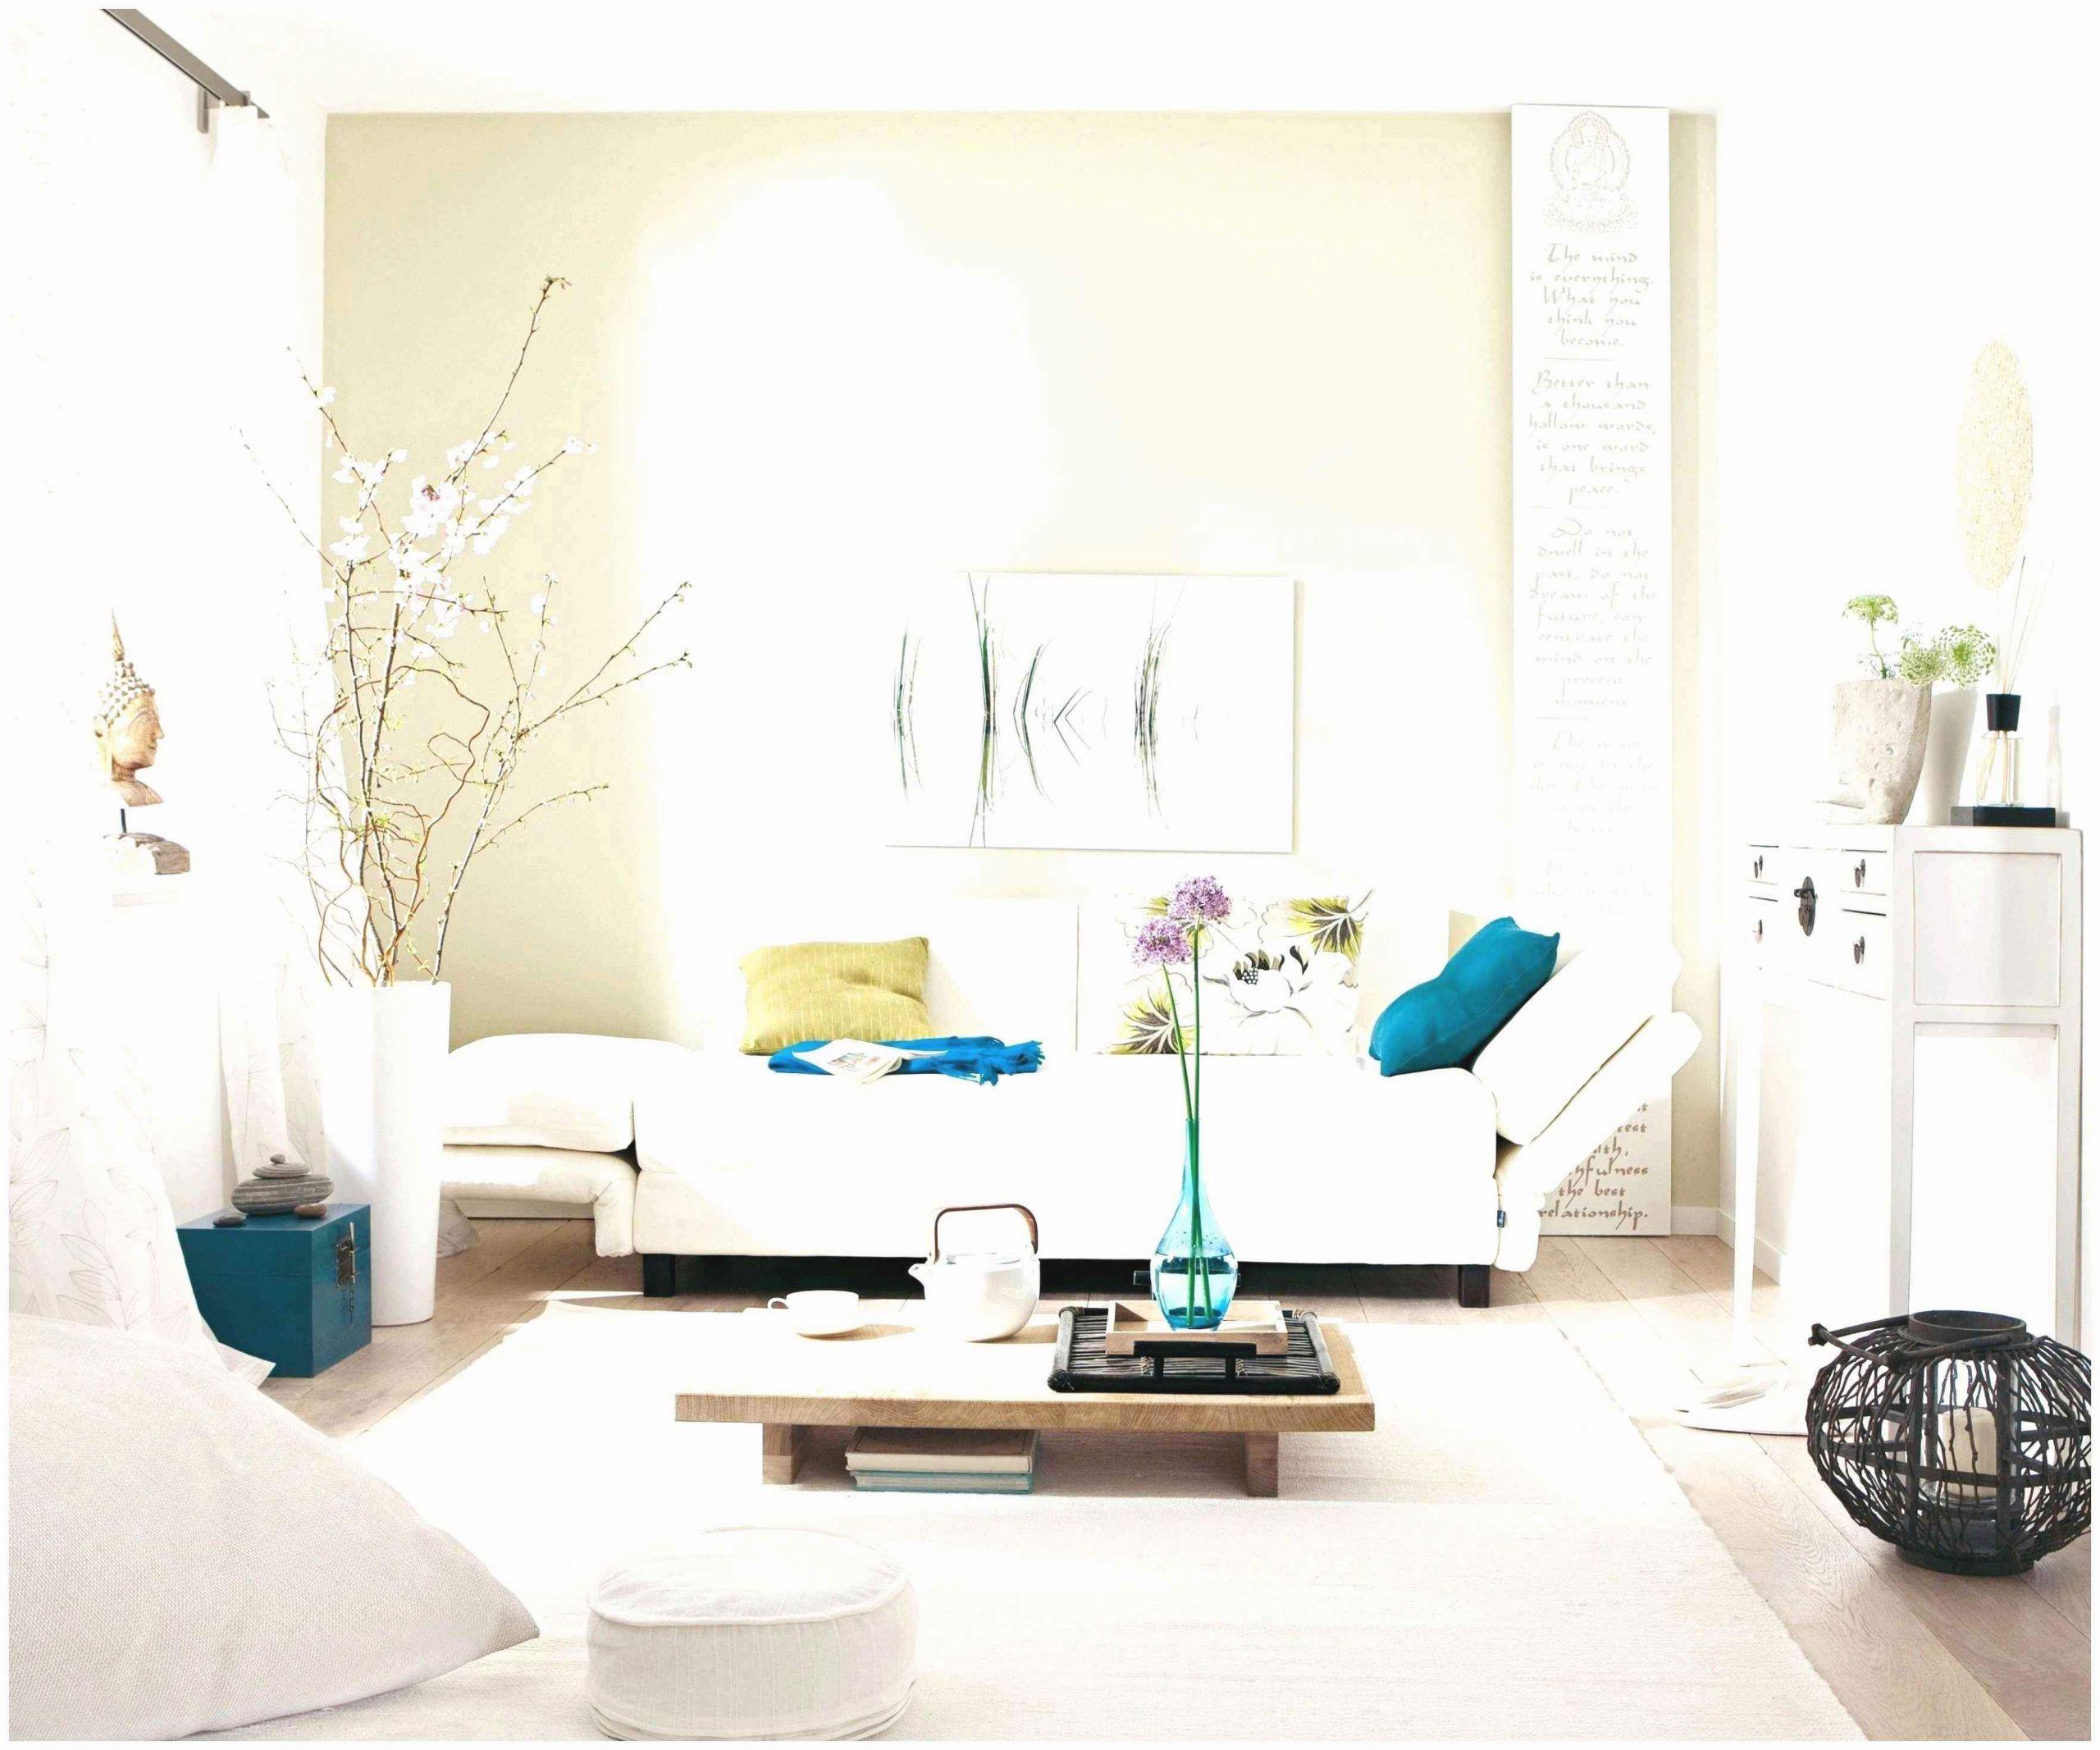 klapptisch wohnzimmer einzigartig luxus klapptisch wohnzimmer of klapptisch wohnzimmer 1 scaled